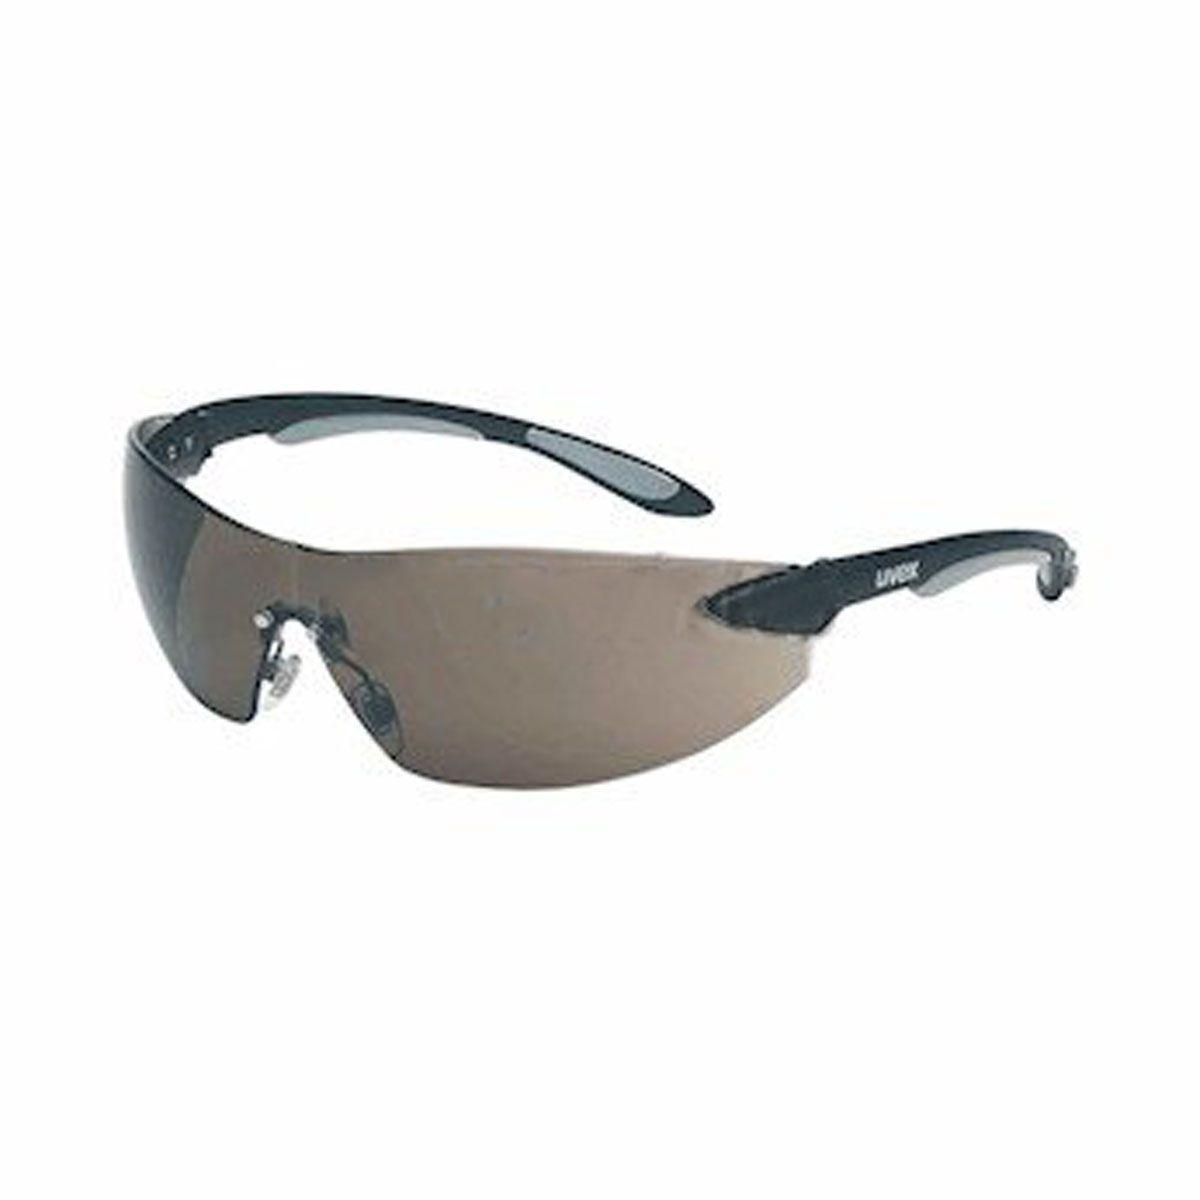 Óculos Tático HoneyWell Uvex S4401 Ignite - Lentes Escuras